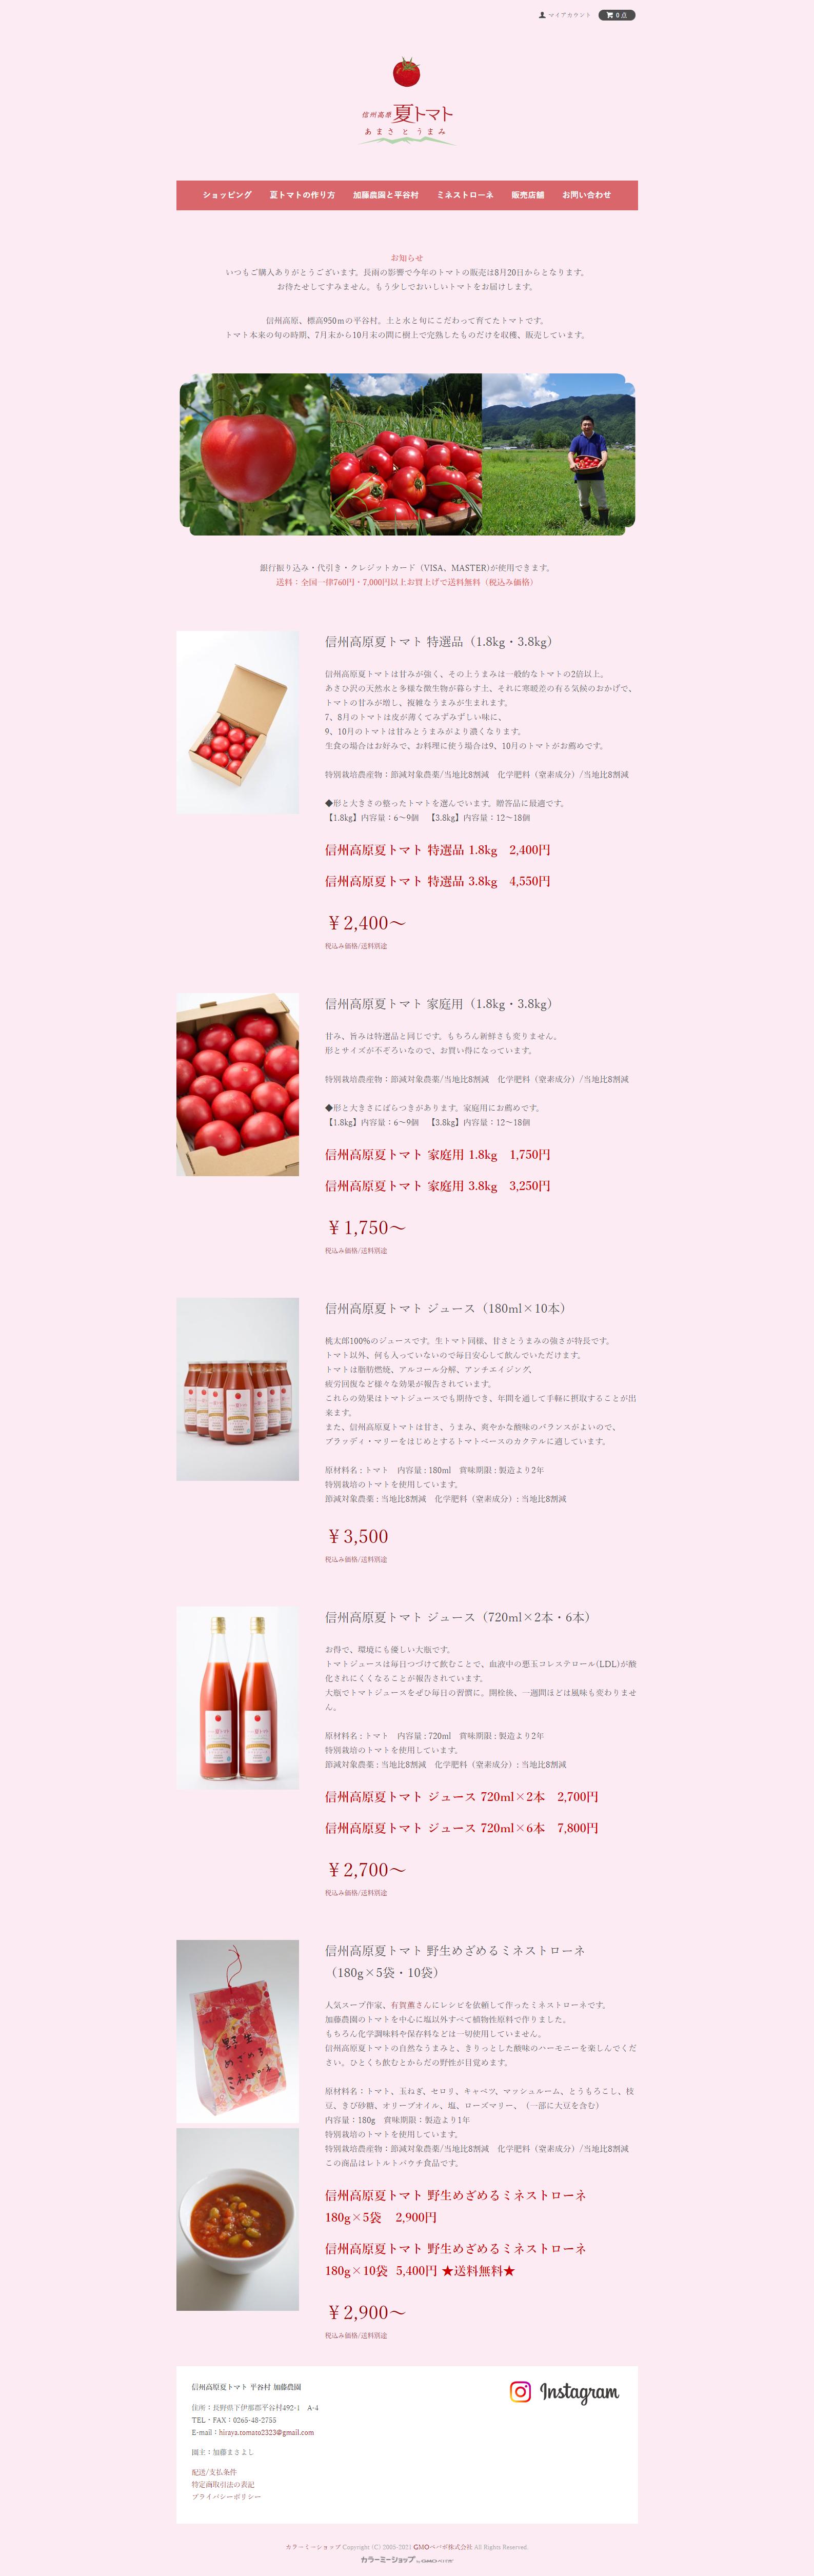 ホームページ制作 信州高原夏トマト様